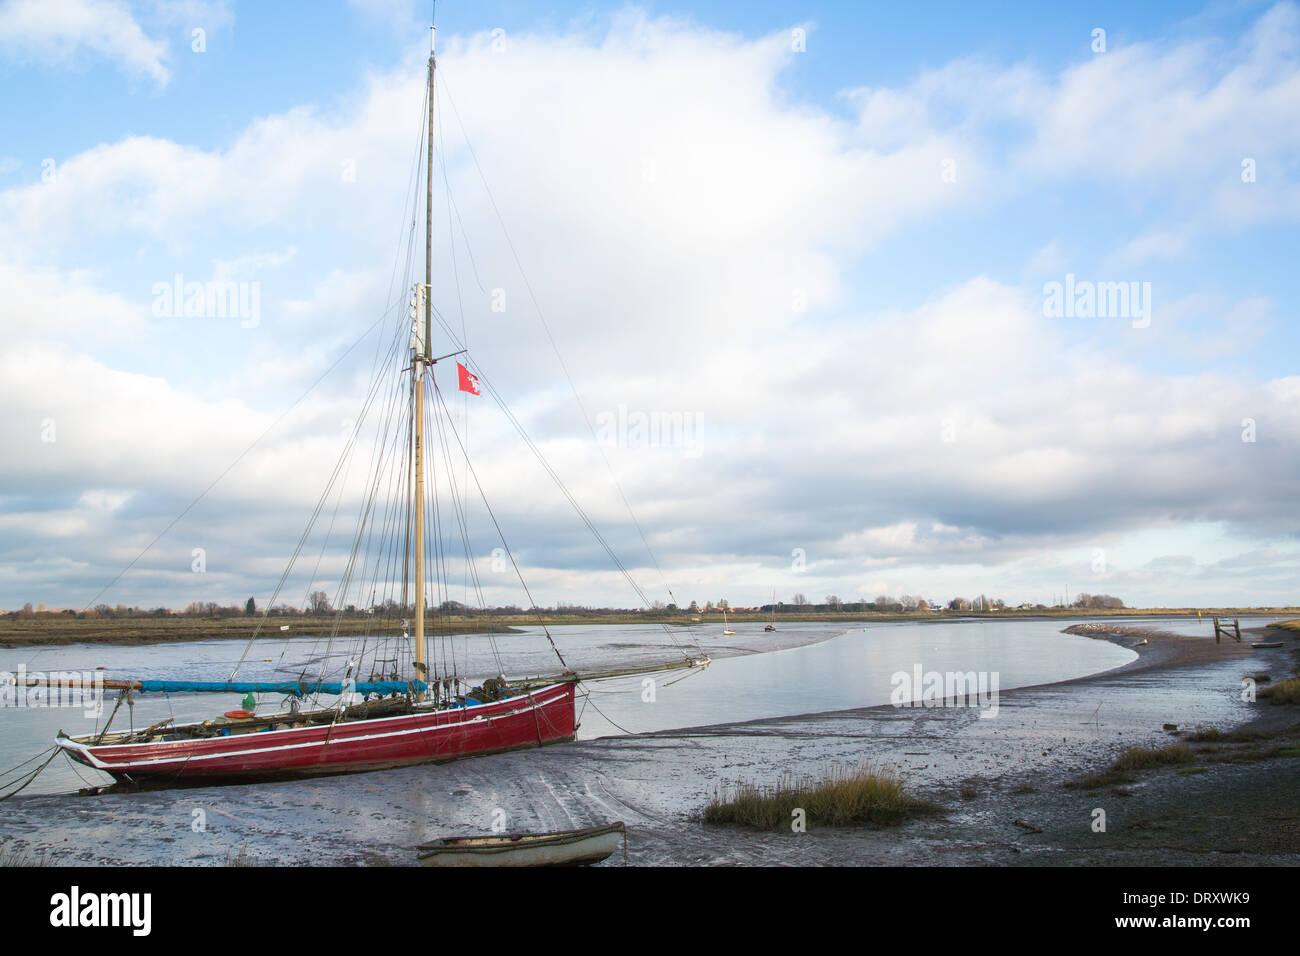 The Blackwater Estuary, Maldon, Essex, UK - Stock Image